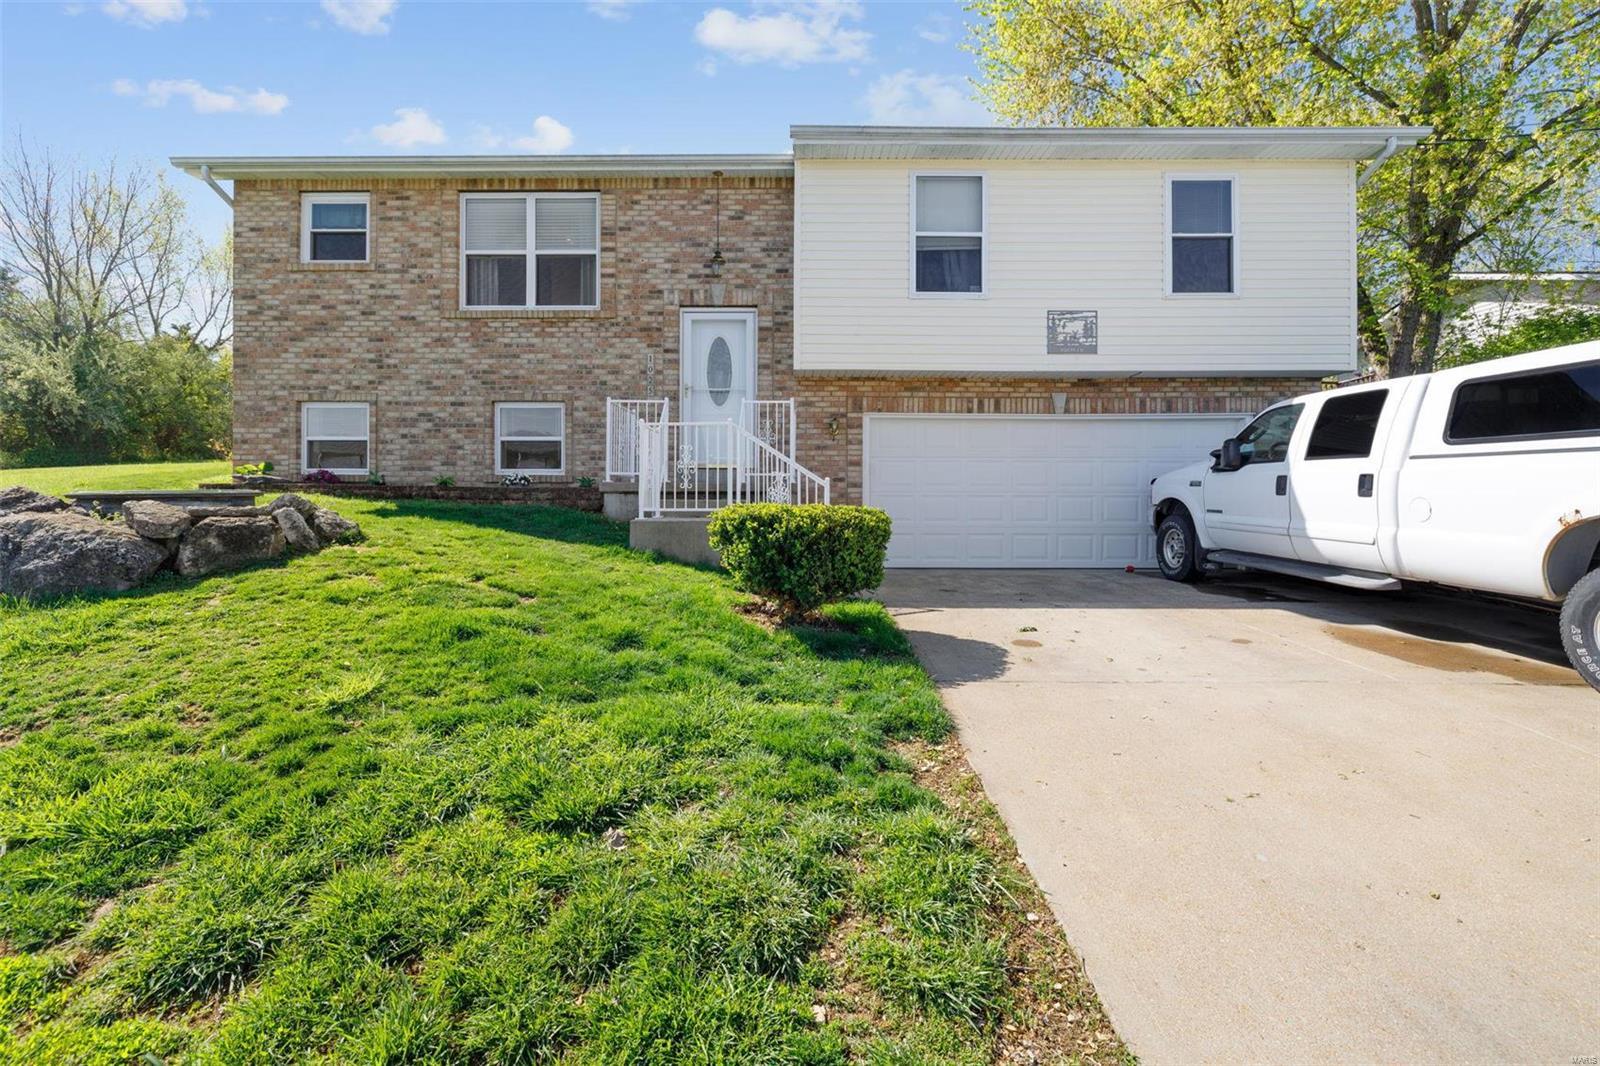 Briarwood Estates 03 Real Estate Listings Main Image